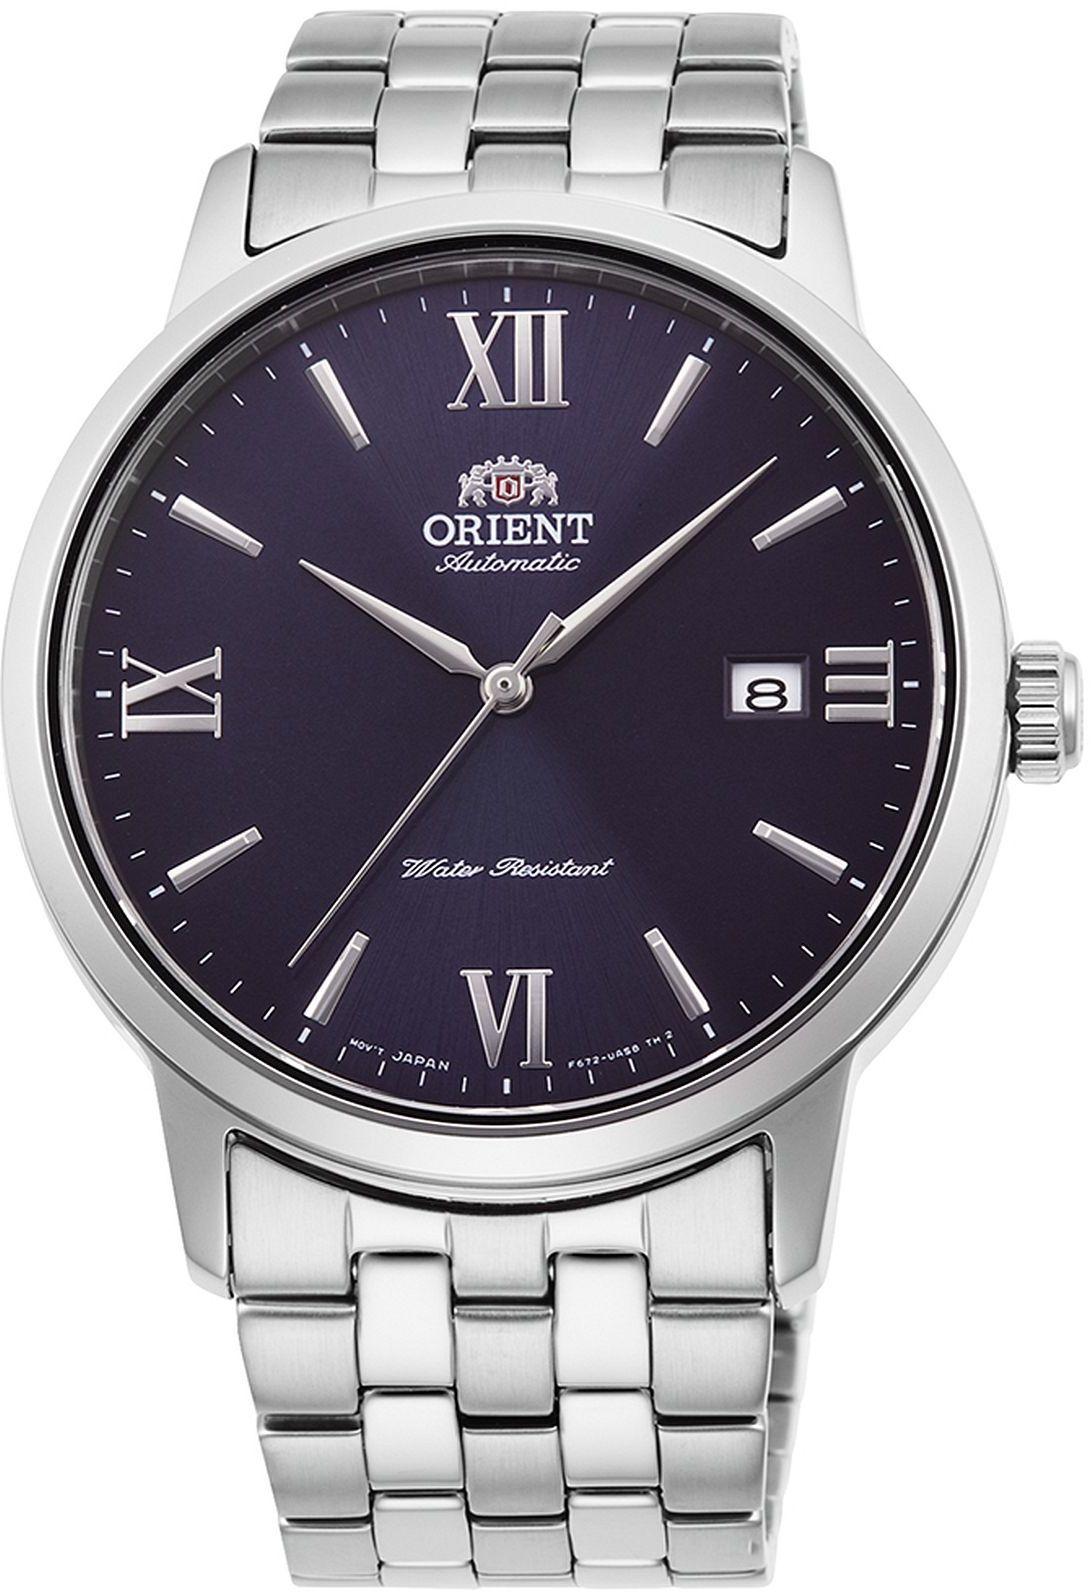 Zegarek męski Orient Contemporary Automatic